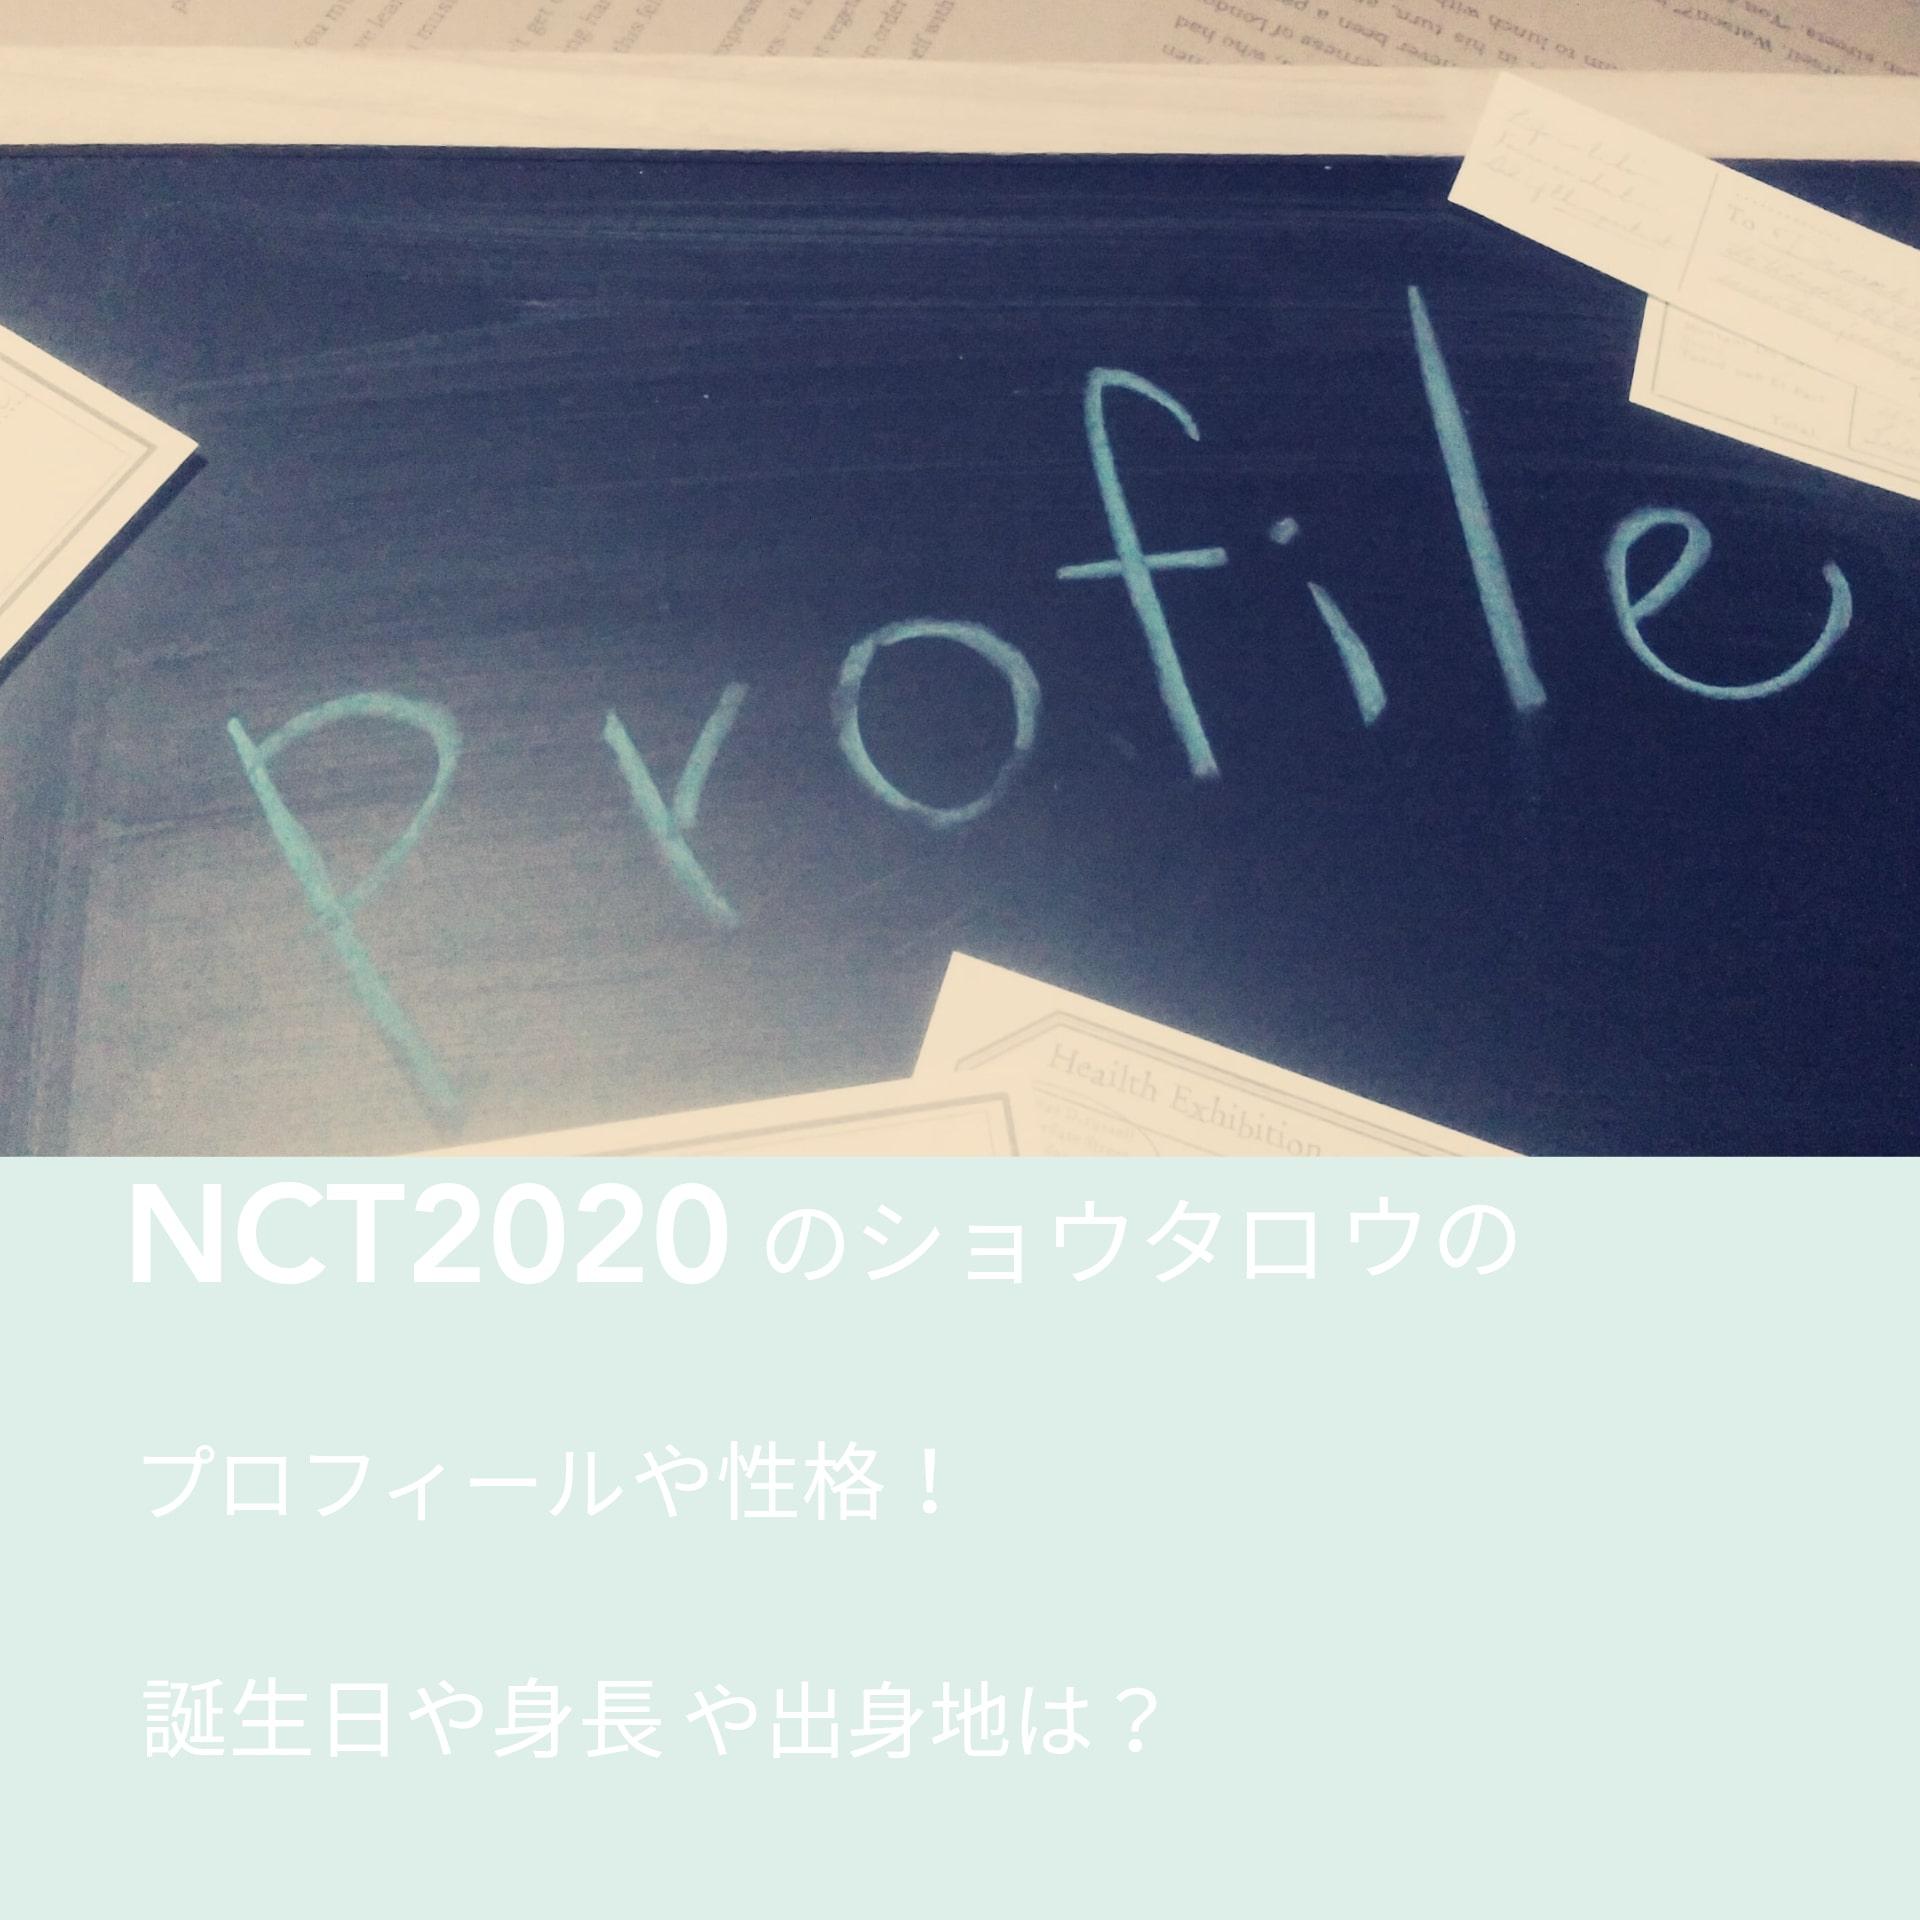 NCT2020のショウタロウのプロフィールや性格!誕生日や身長や出身地は?